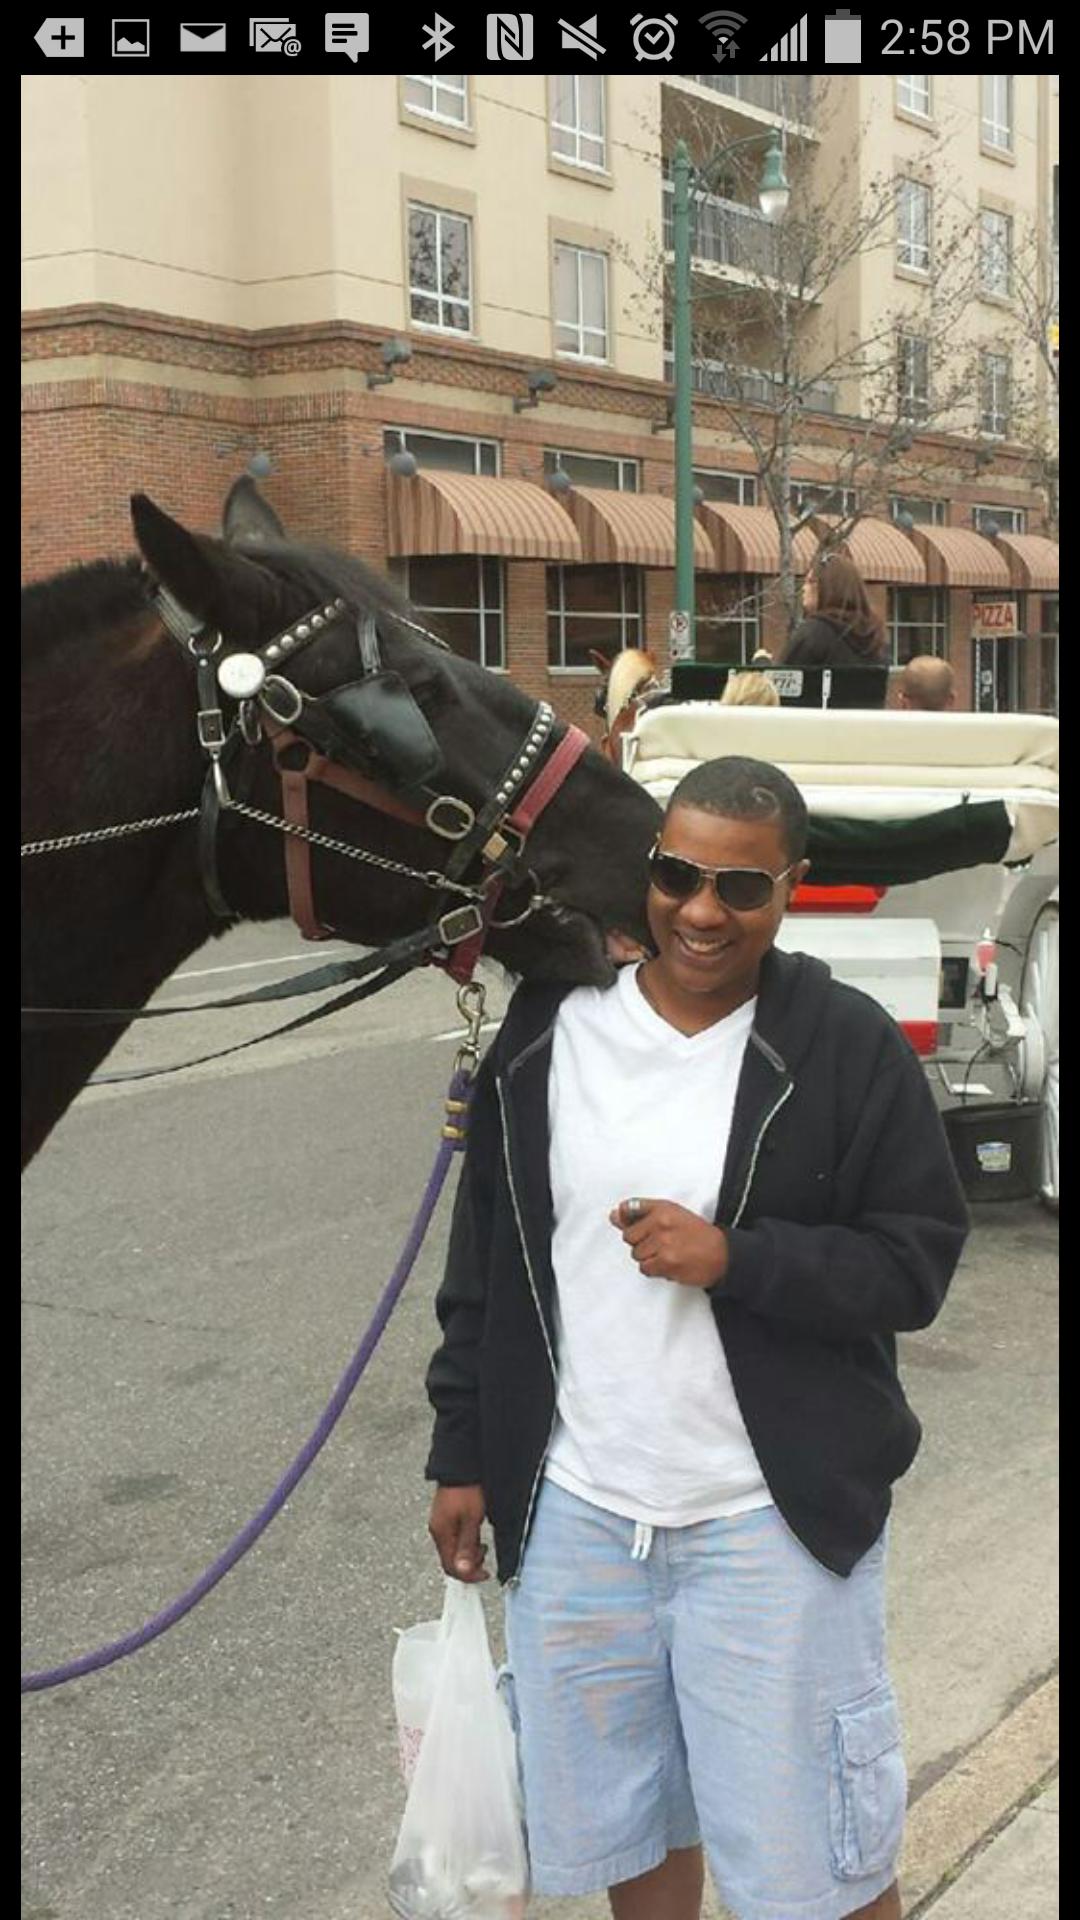 interracial dating meetup atlanta Interracialdatingchicagocom - # 1 interracial dating site for interracial singles in chicago,usa interracial dating chicago and interracial explorers is a new meetup that brings people.